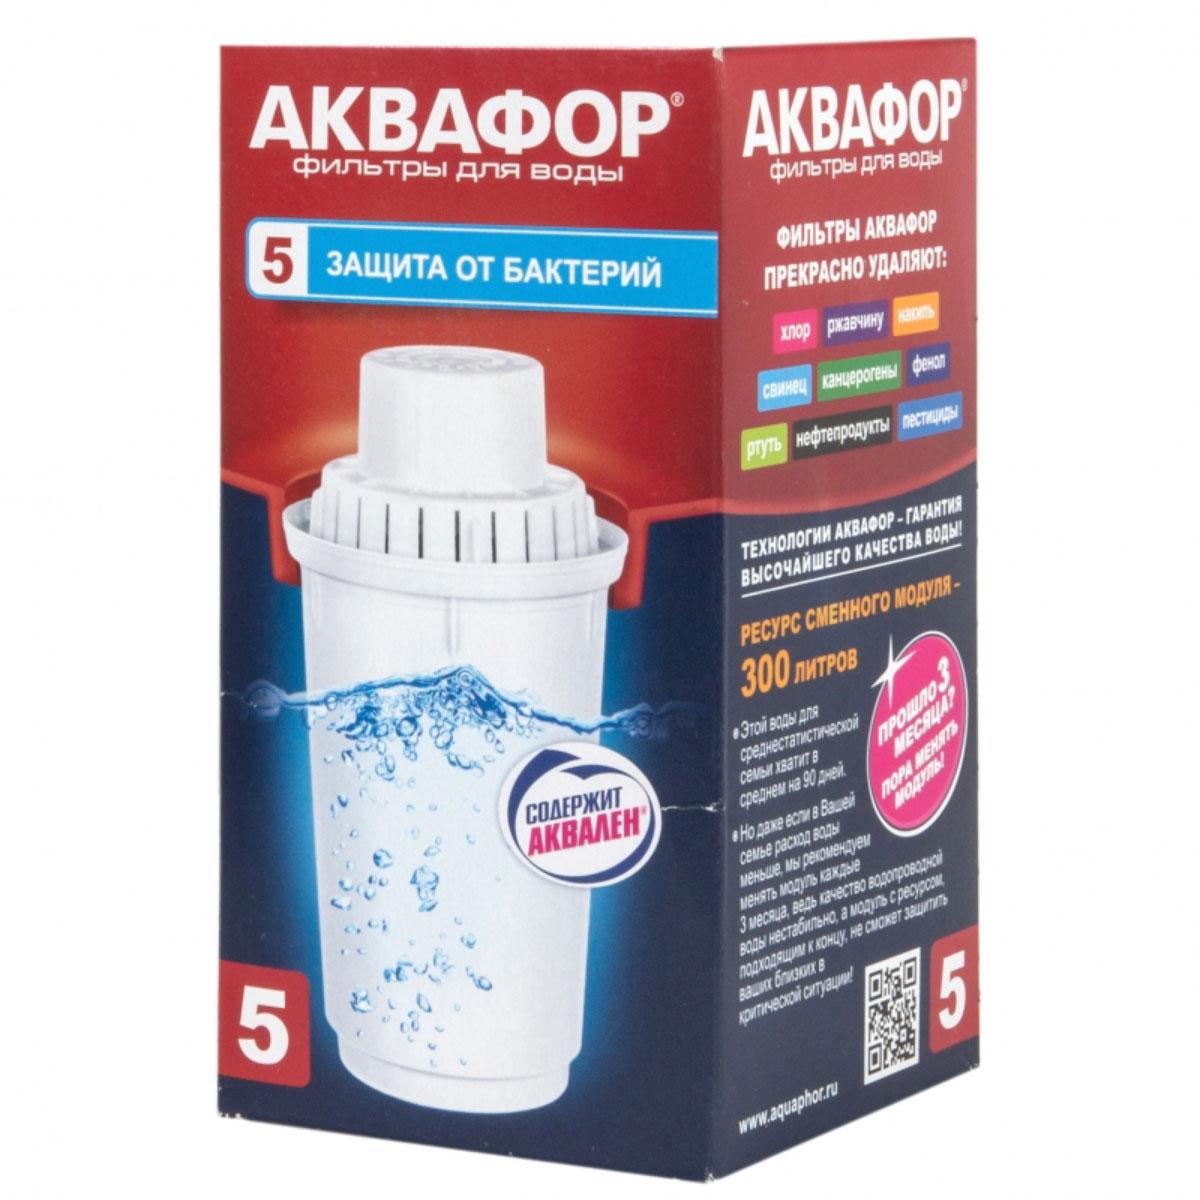 Сменный картридж Аквафор В100-5, усиленный бактерицидной добавкойSC-FD421005Сменный модуль Аквафор В100-5 предназначен для доочистки водопроводной воды и удаления избыточной жесткости. Модуль удаляет из воды хлор, фенол, тяжелые металлы, железо, пестициды.Благодаря использованию уникальных волокнистых сорбционных материалов марки Аквален в комбинации с лучшими марками активированных углей модуль надежно и необратимо задерживает не только органические соединения, железо и тяжелые металлы, но и другие виды вредных примесей, а также умягчает воду и снижает образование накипи, удаляет неприятный вкус и запах. Для подавления роста бактерий используется модификация волокна Аквален, содержащая серебро. В результате у вас всегда под рукой чистая вода без остаточного активного хлора и органических примесей с приятным вкусом и без запаха.Средний ресурс: 300 л.Компания Аквафор создавалась как высокотехнологическая производственная фирма, охватывающая все стадии создания продукции от научных и конструкторских разработок до изготовления конечной продукции. Основное правило Аквафора - стабильно высокое качество продукции и высокие технологии, поэтому техническое обновление производства происходит каждые 3-4 года, для чего покупаются новые модели машин и аппаратов.Собственное производство уникальных сорбентов и постоянный контроль на всех этапах производства позволяют Аквафору выпускать высококачественный продукт, известность которого на рынке быстро растет.